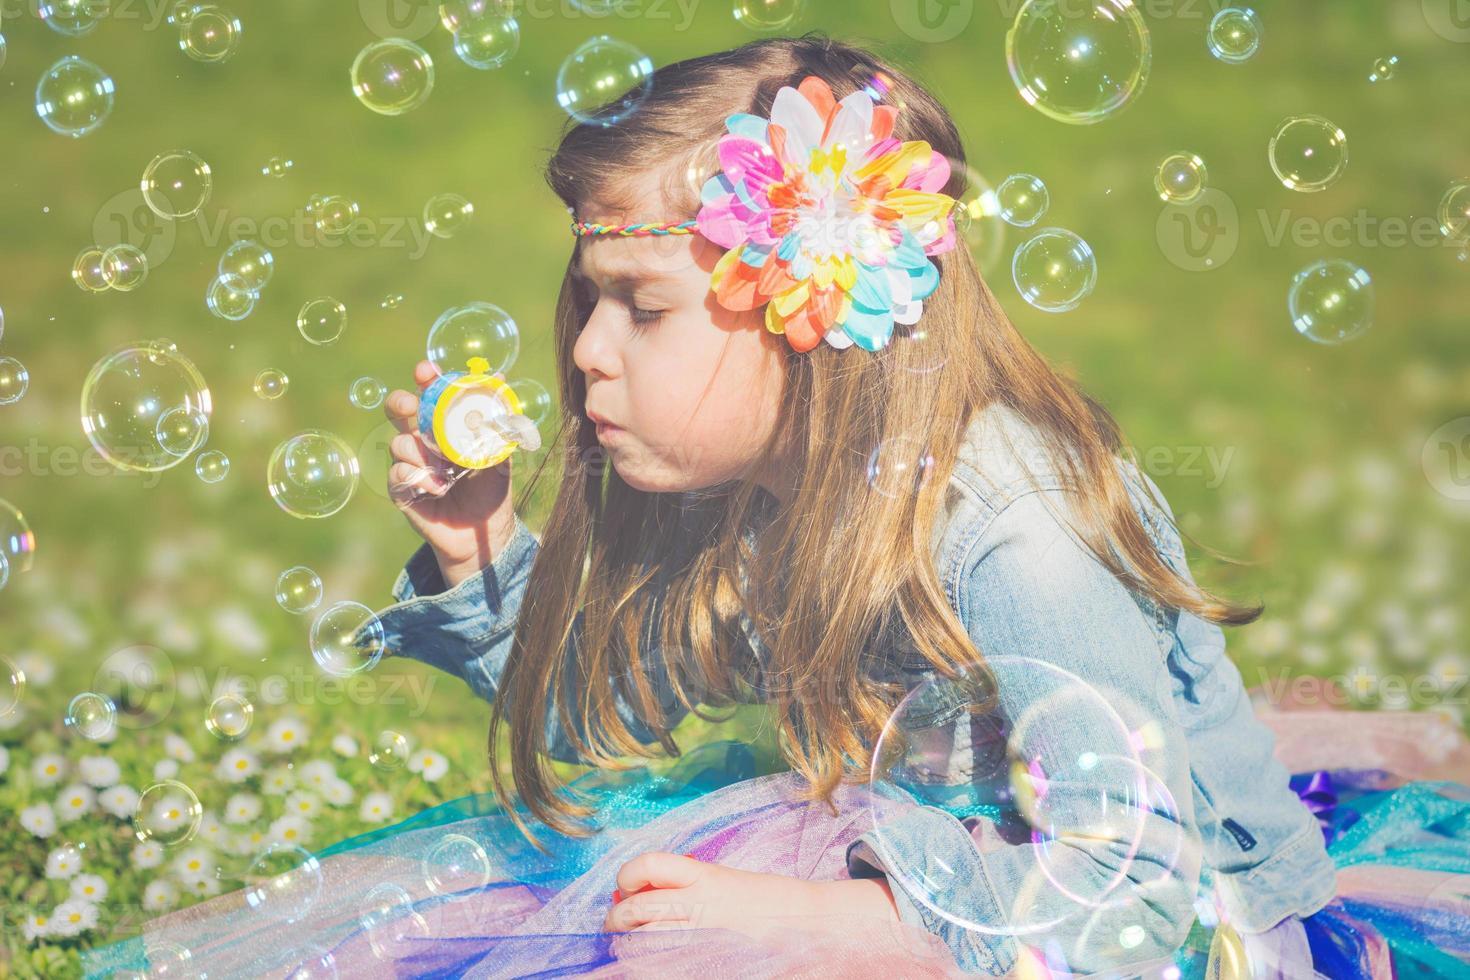 bambina che si diverte a fare bolle di sapone foto